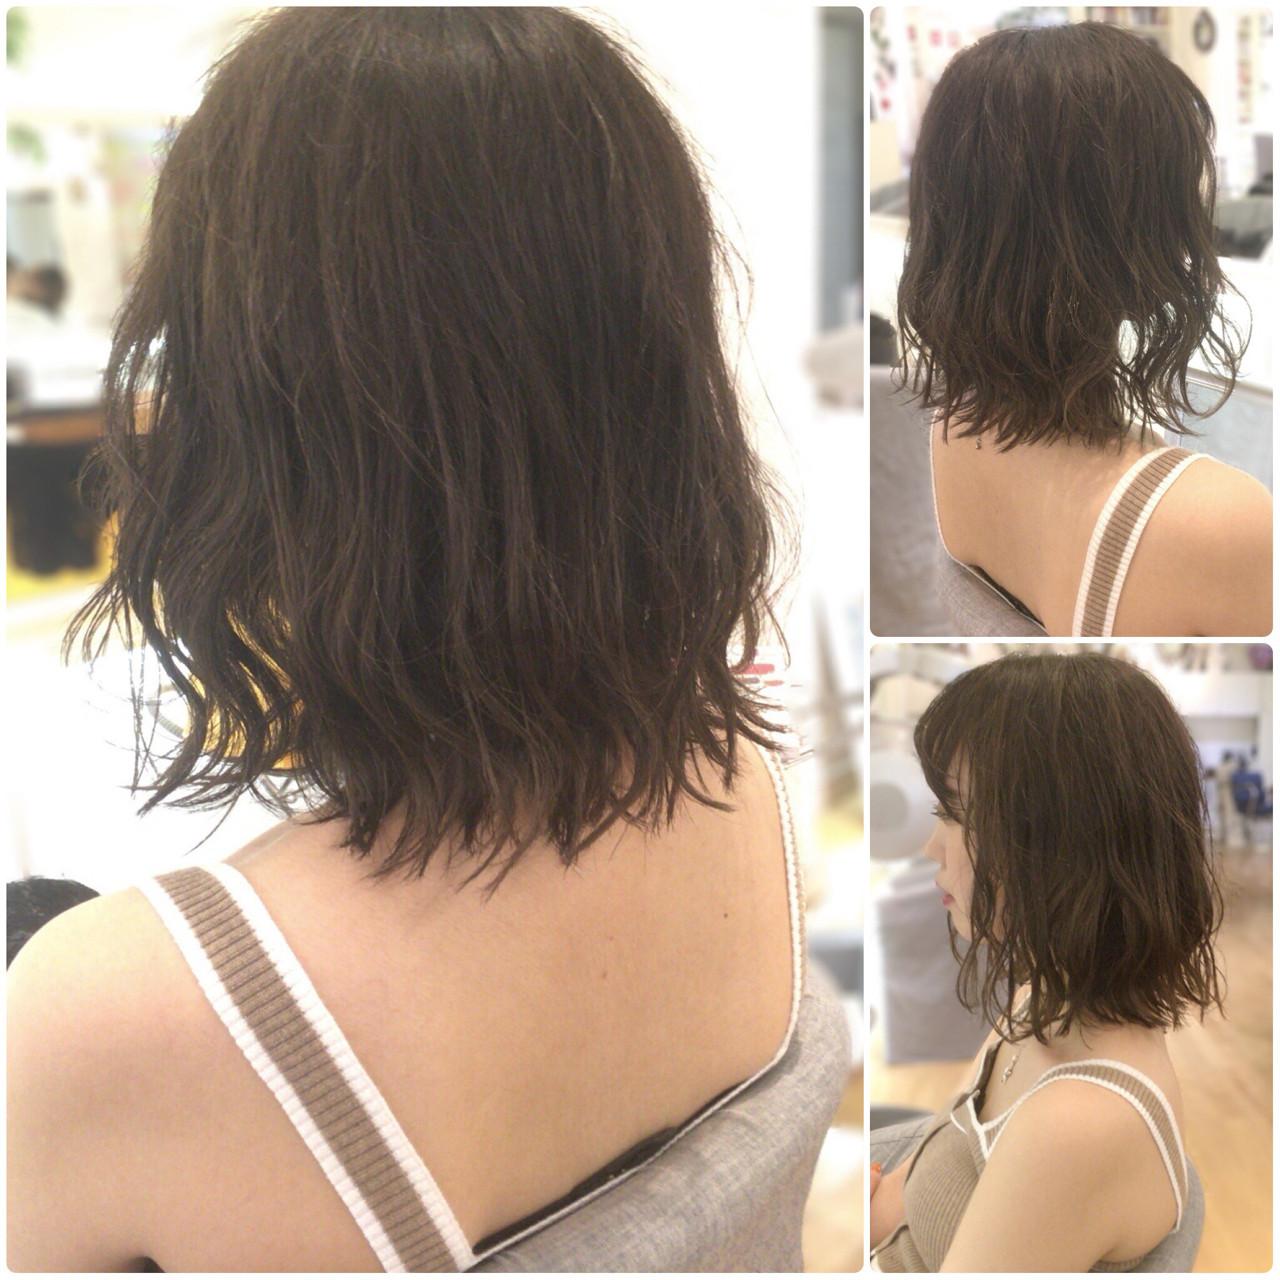 ロブ ガーリー ミディアム 外ハネ ヘアスタイルや髪型の写真・画像 | イマムラ スナオ / LUKE